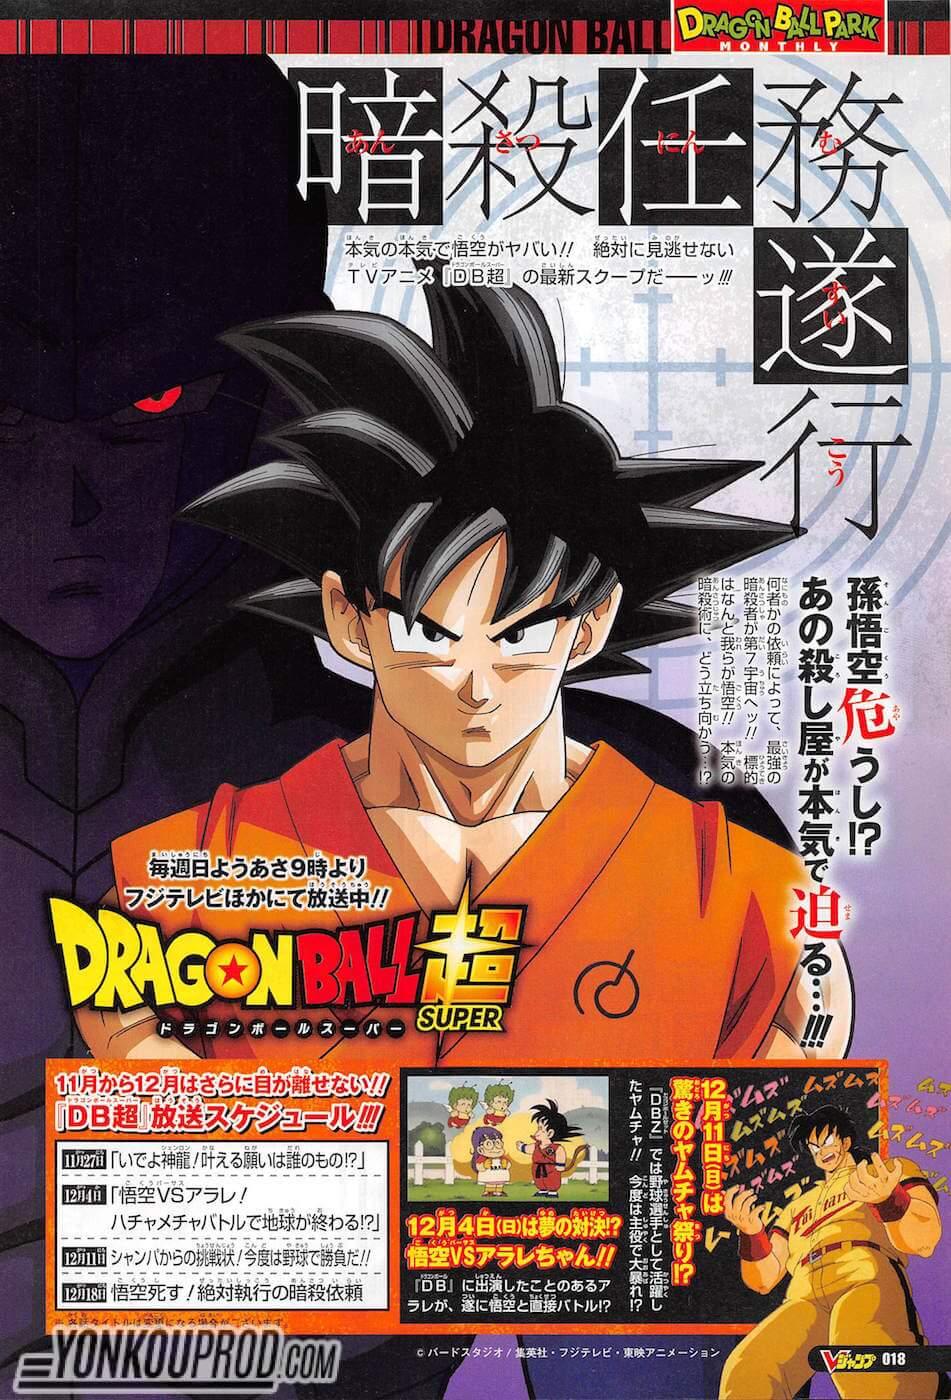 Calendário Dragon Ball Super Janeiro 2017 Poster